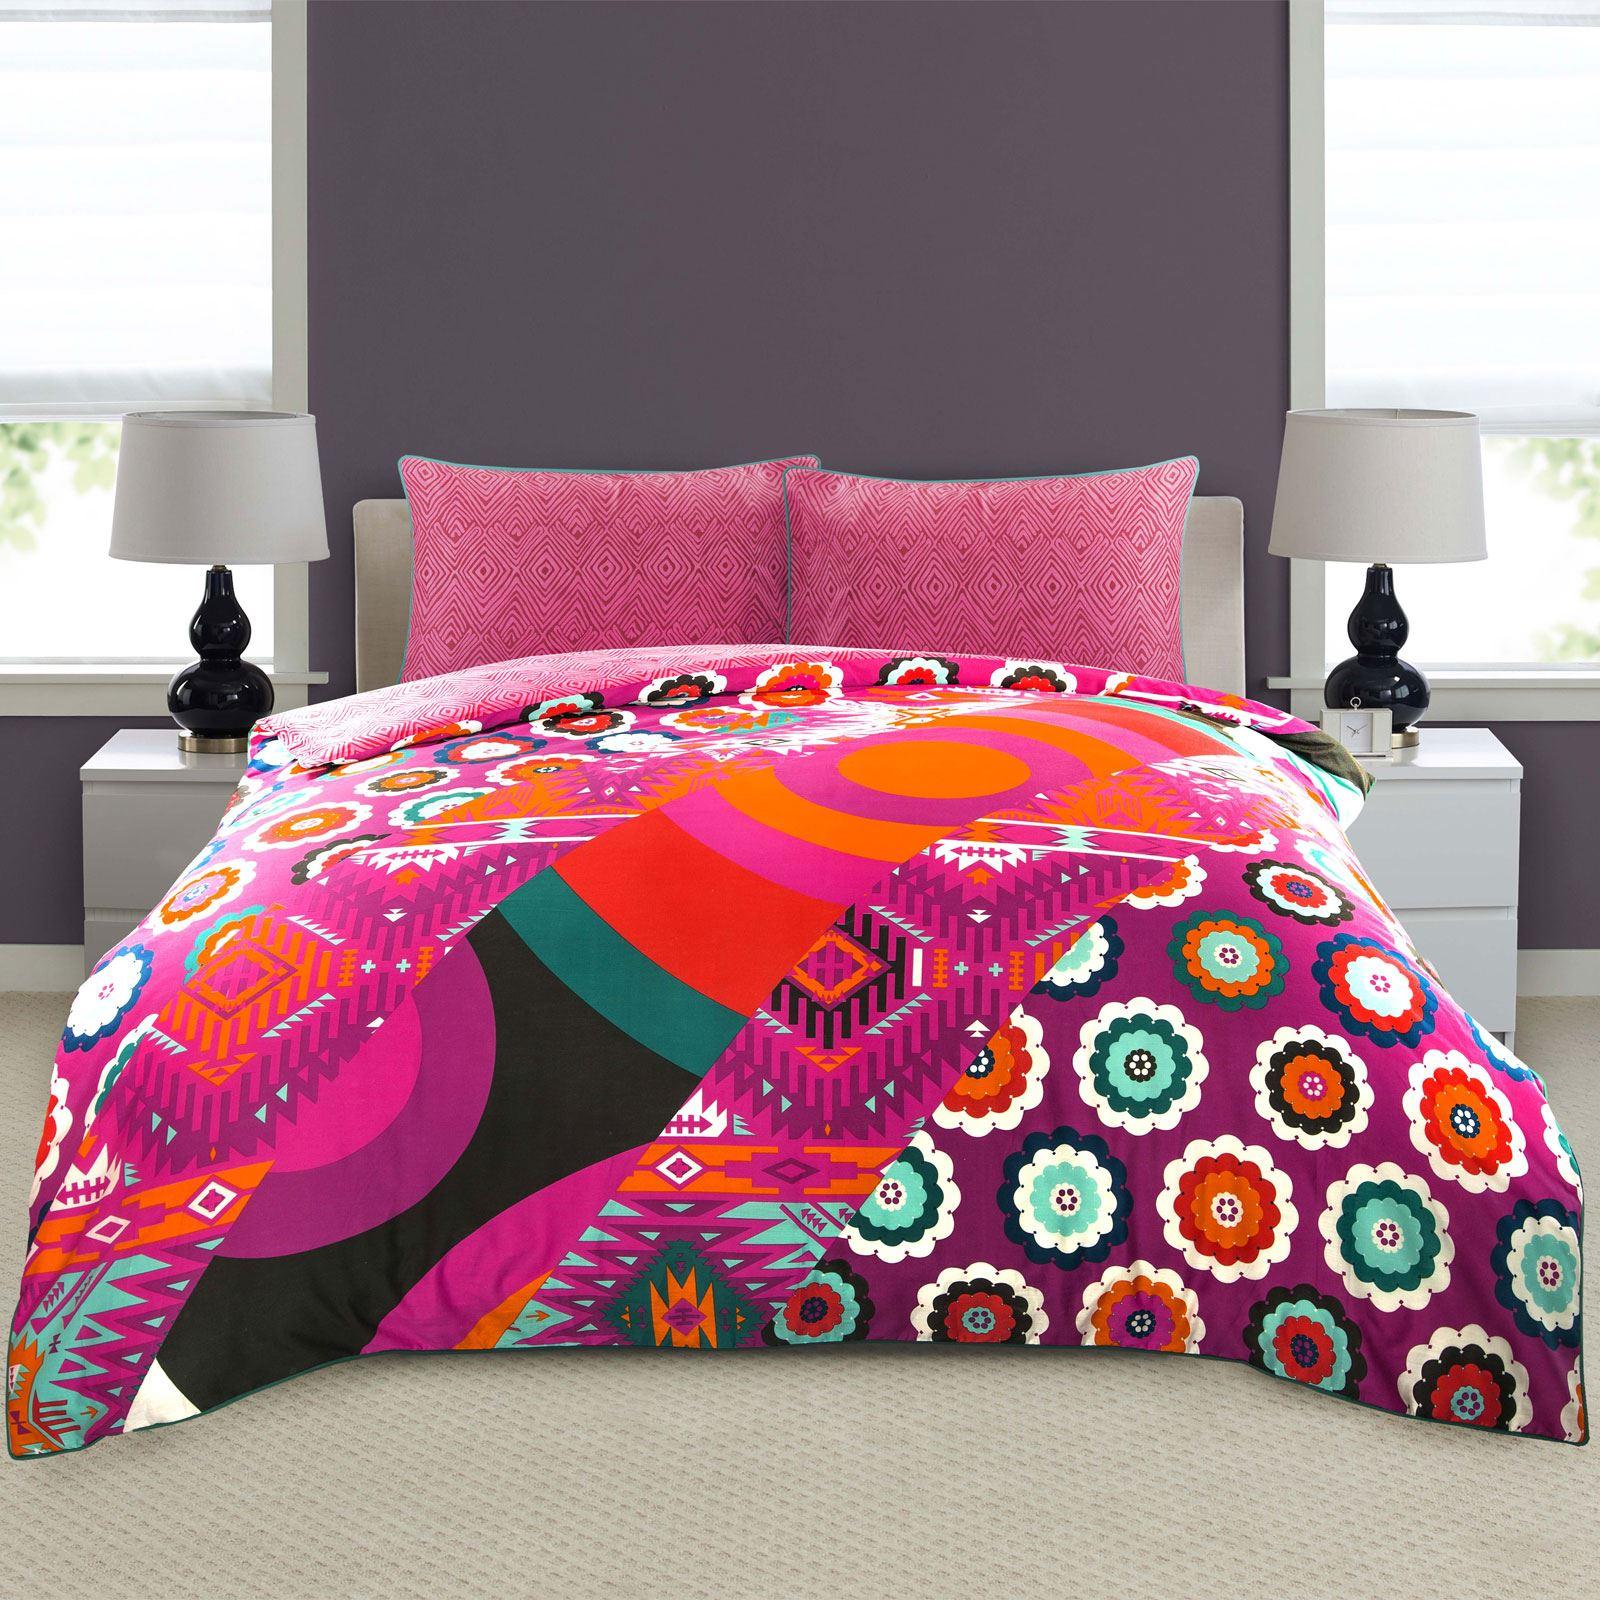 Ropa-de-cama-estampado-floral-bohemio-conjunto-de-edredon-de-funda-nordica-individual-Doble-King miniatura 5